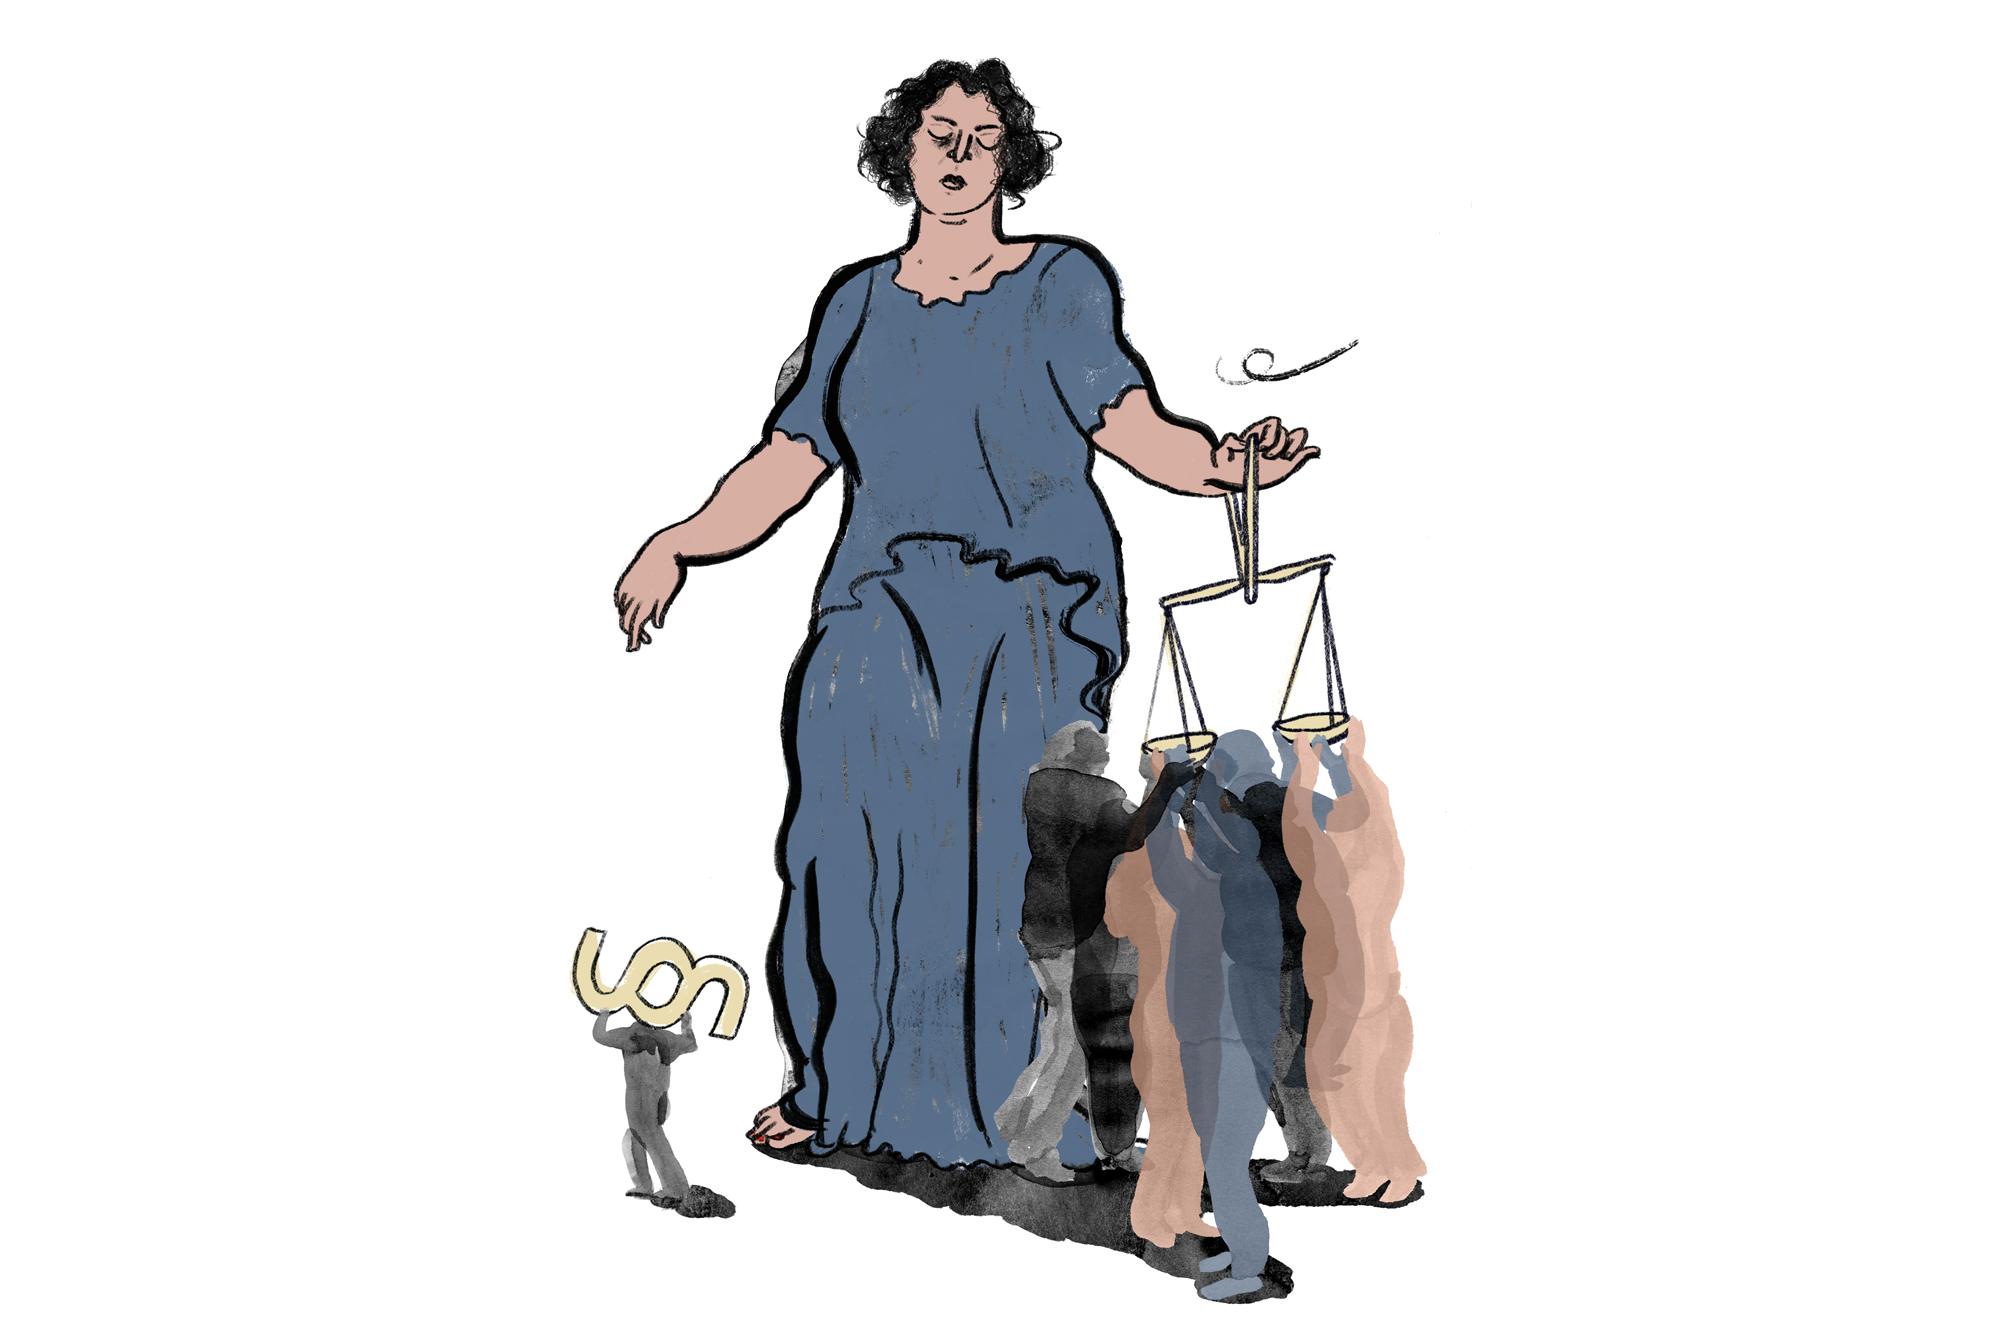 Justitia mit geschlossenen Augen hält eine Waage mit zwei Waagschalen, darunter stehen 7 Personen die die Schalen anheben und ausgleichen wollen, eine Figur geht links, das Paragraphenzeichen tragen aus dem Bild. Es sind also 8 wie im Geschworenen Gericht zugelassenen Personen.